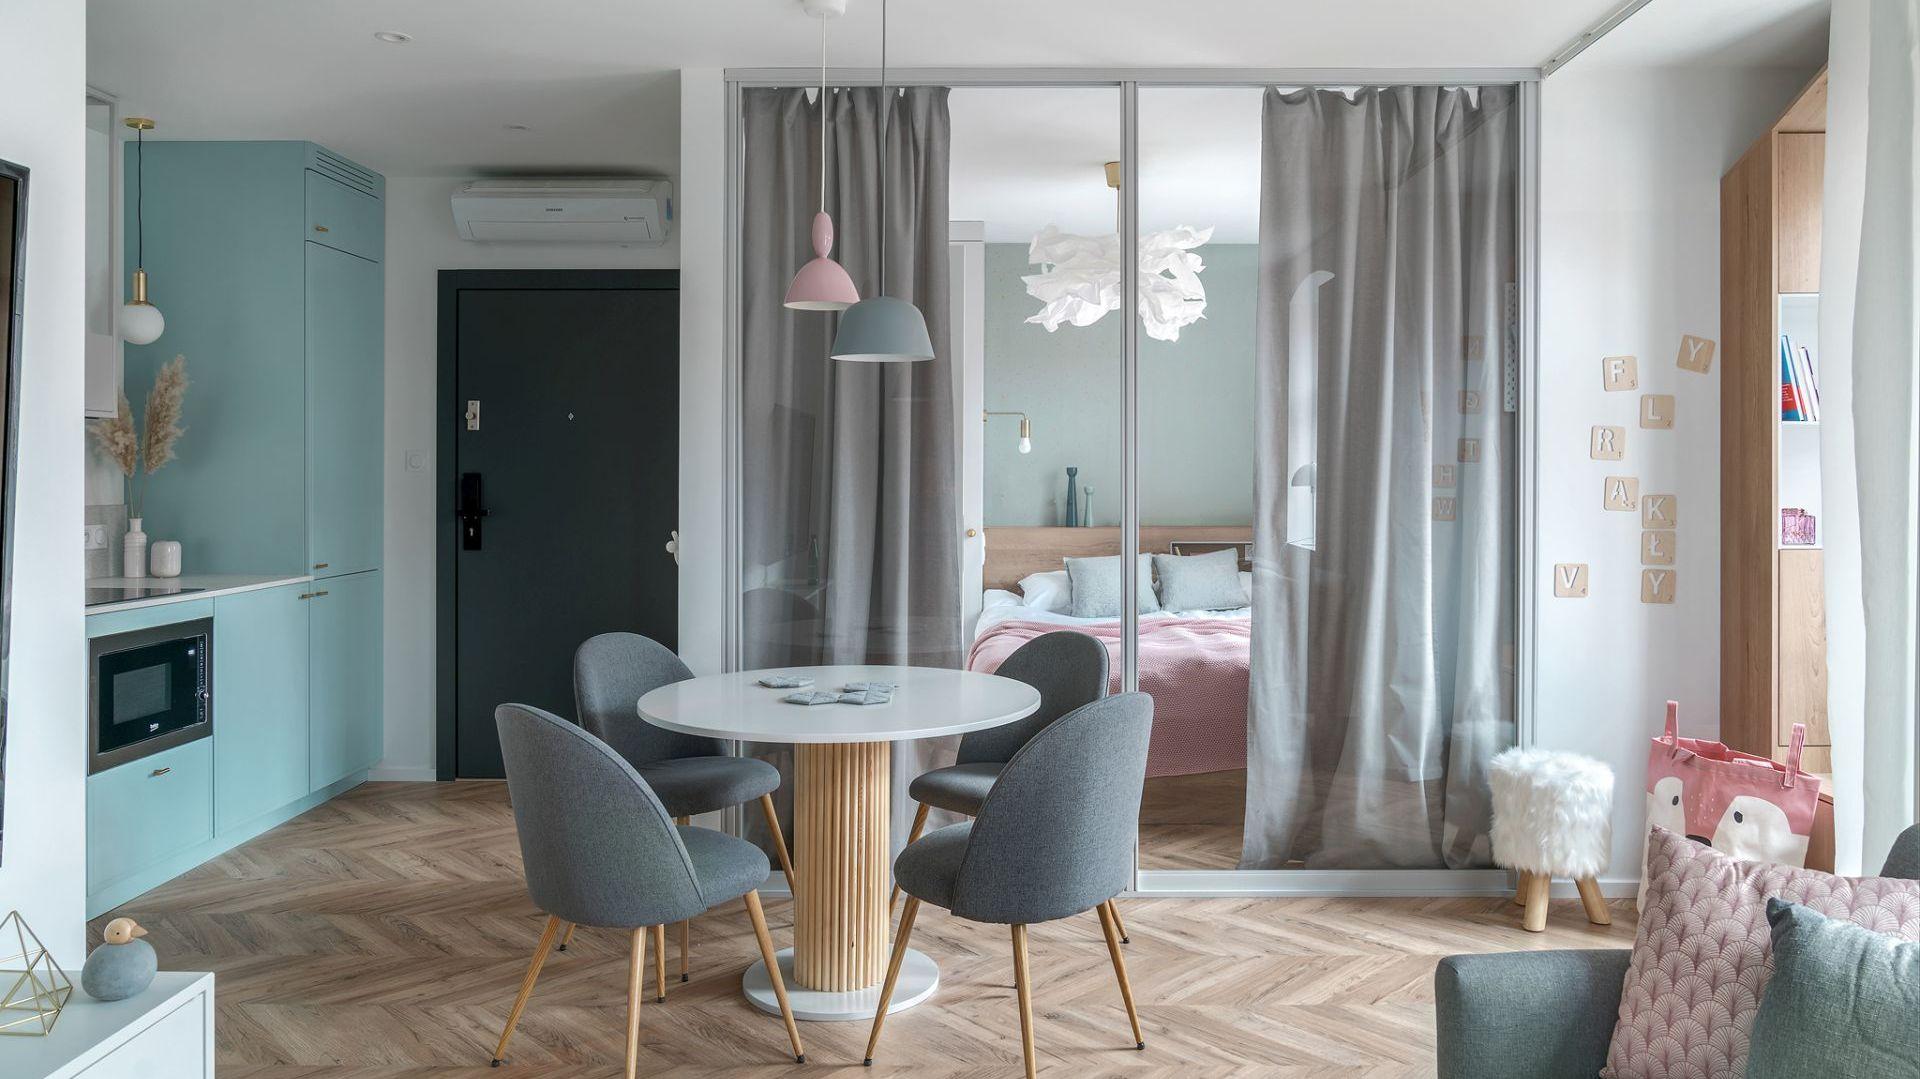 W niewielkim wnętrzu królują pastele. Dzięki jasnym, miękkim kolorom i zastąpieniu jednej ze ścian przeszkleniami, wnętrze wypełnia światło i optymizm. Projekt: Sylwia Choszcz i Monika Behrendt-Kucińska (SMart Studio) Fot. Tom Kurek